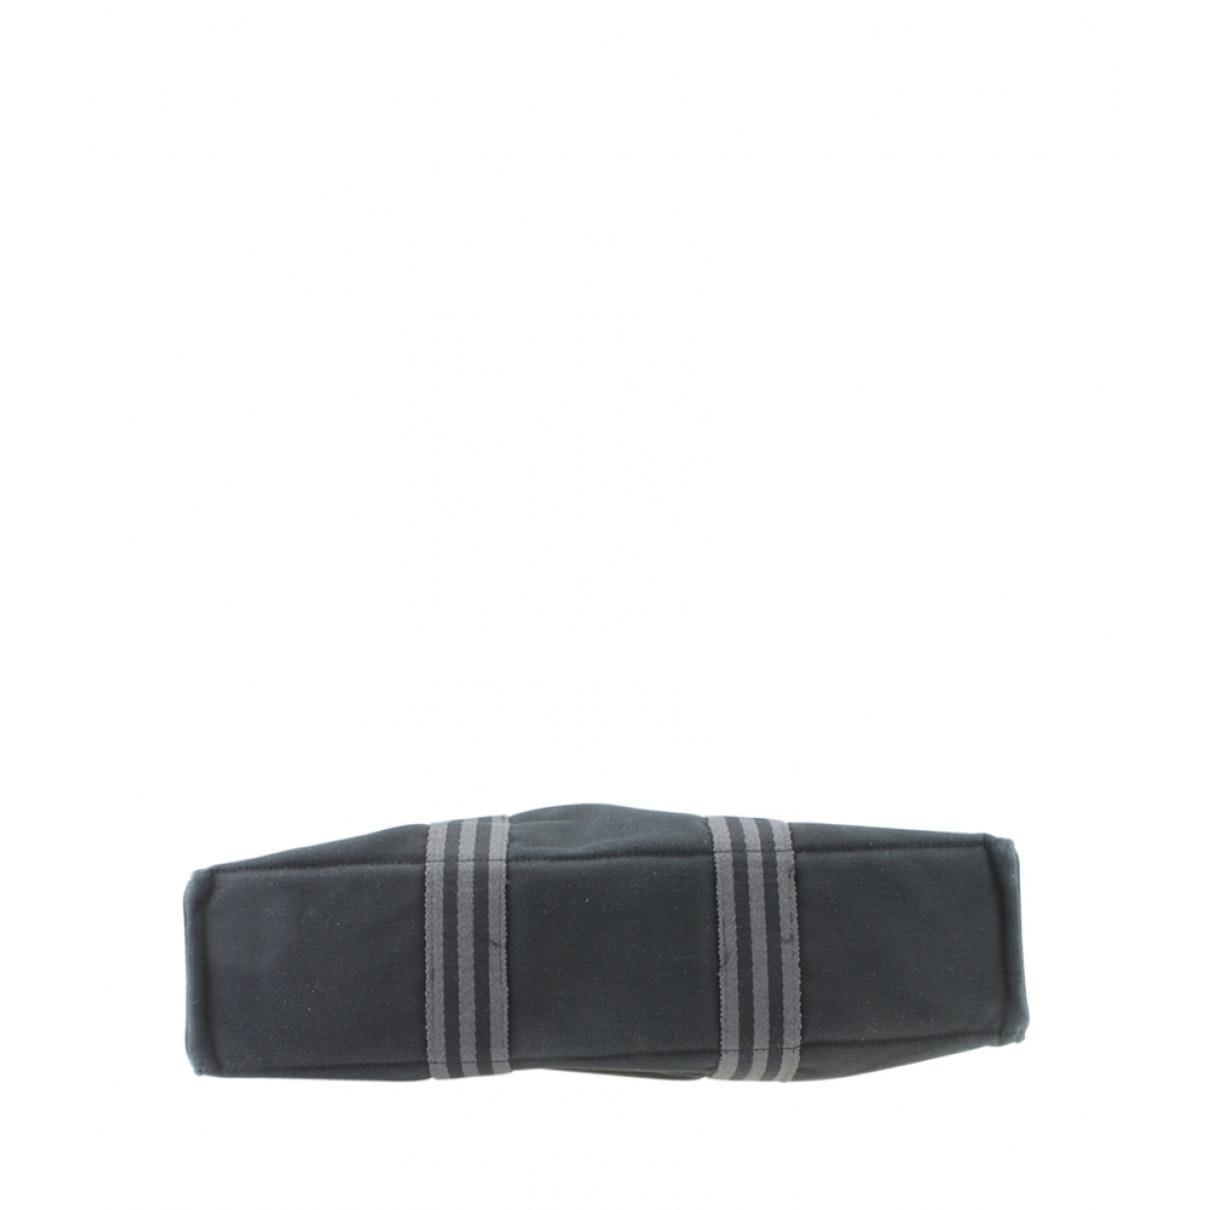 Sac à main Toto en Toile Noir Hermès en coloris Noir hzK1